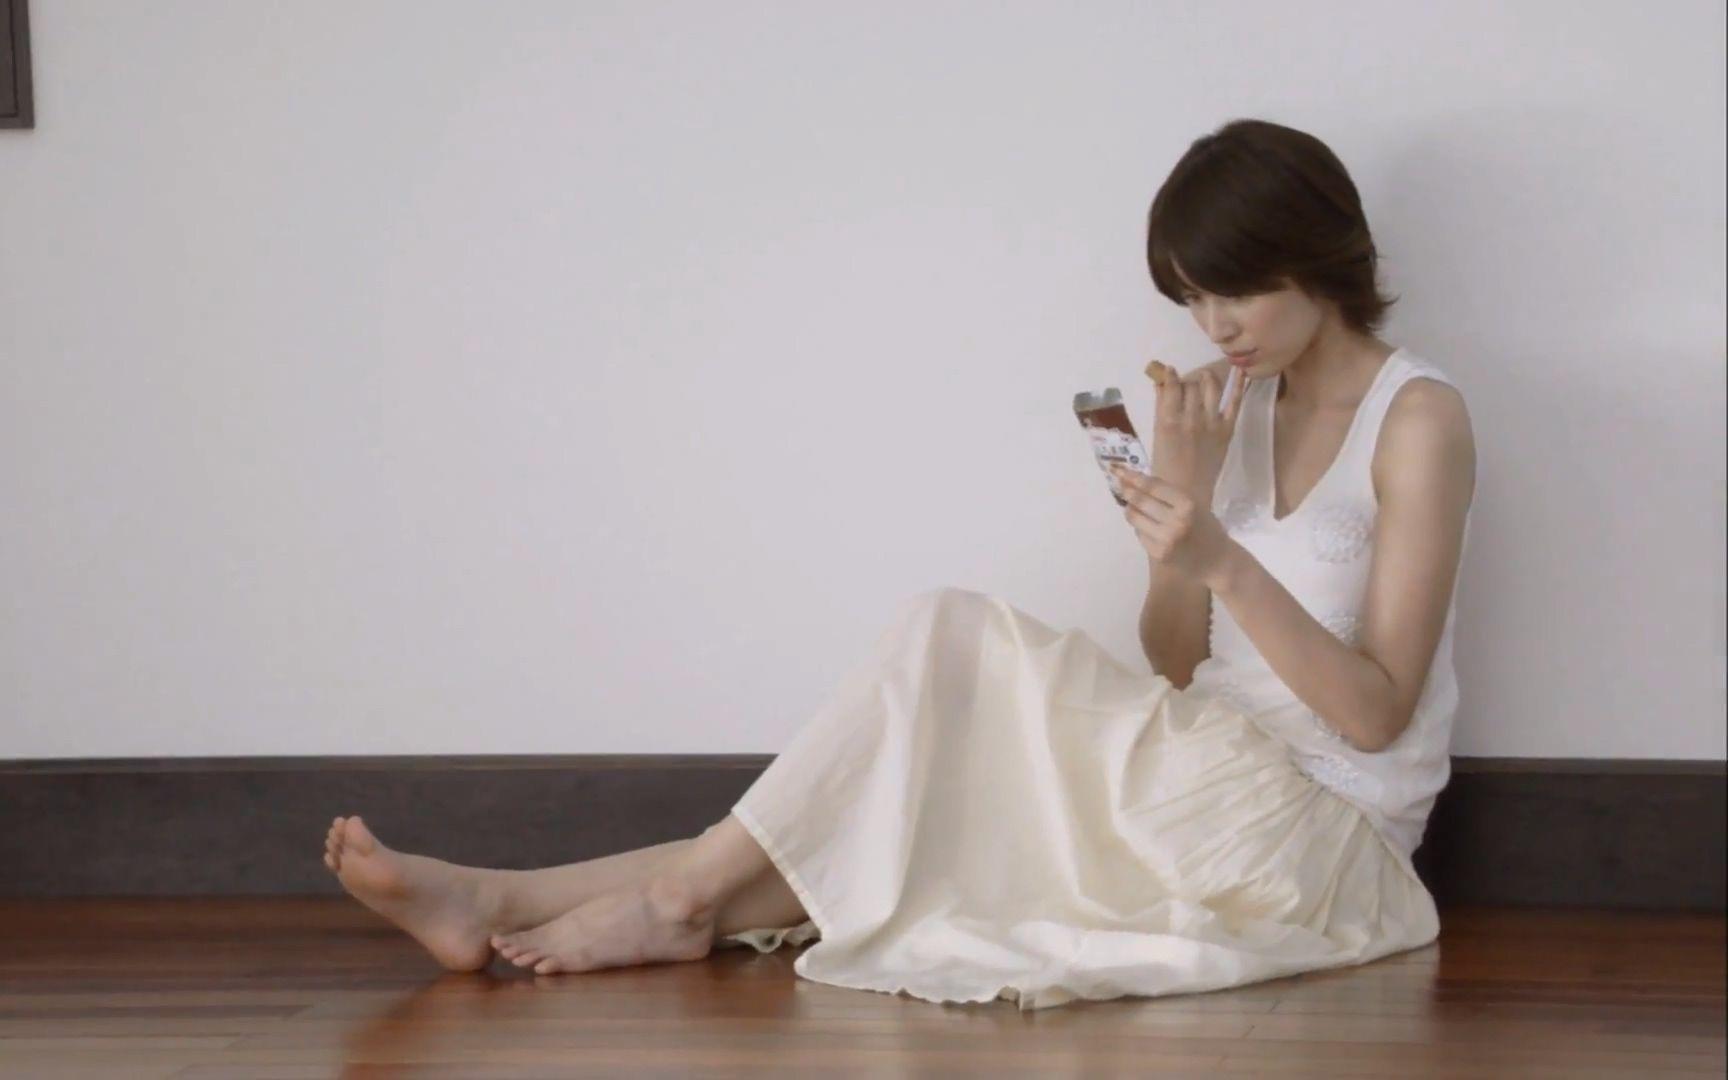 ed2k-板口美蕙乃_【2011】吉濑美智子 卡乐比一口美膳cm